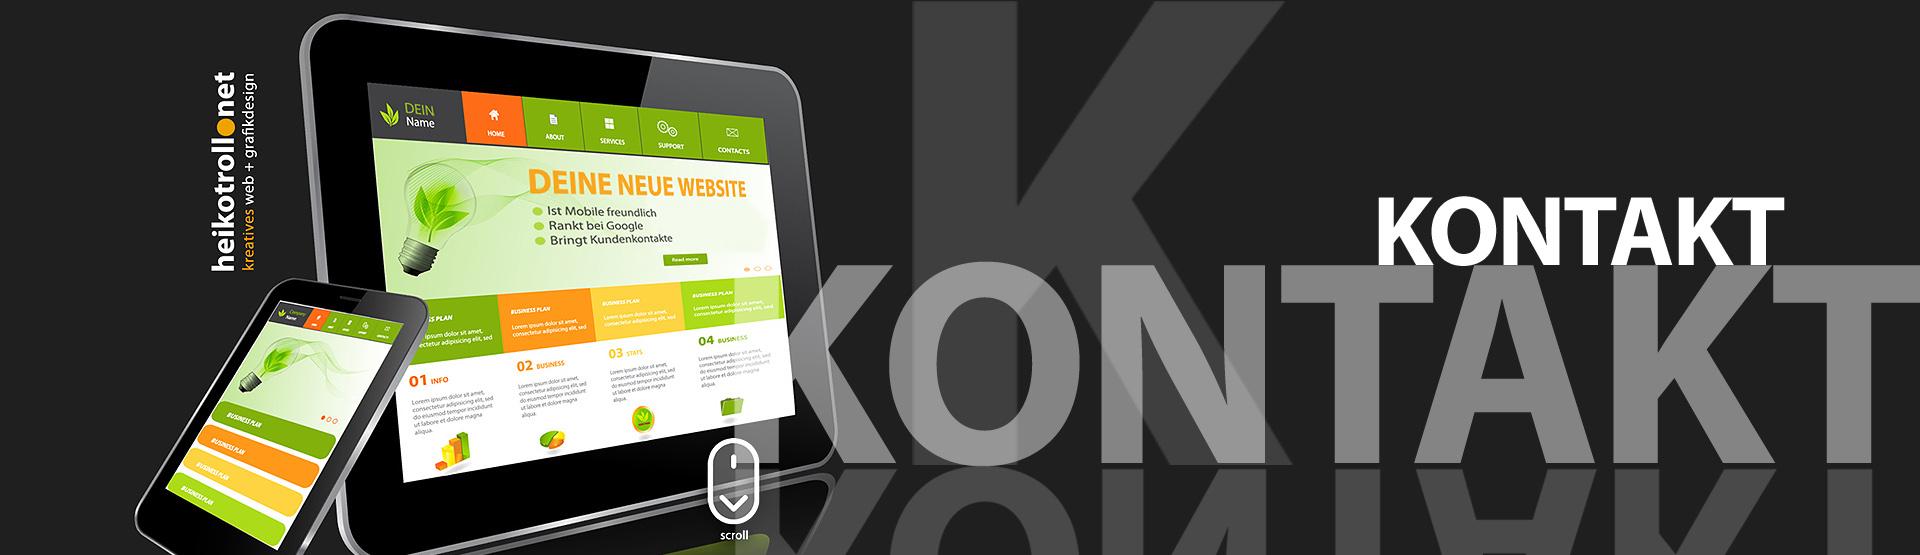 webdesign seo grafikdesign pirna heikotroll.net